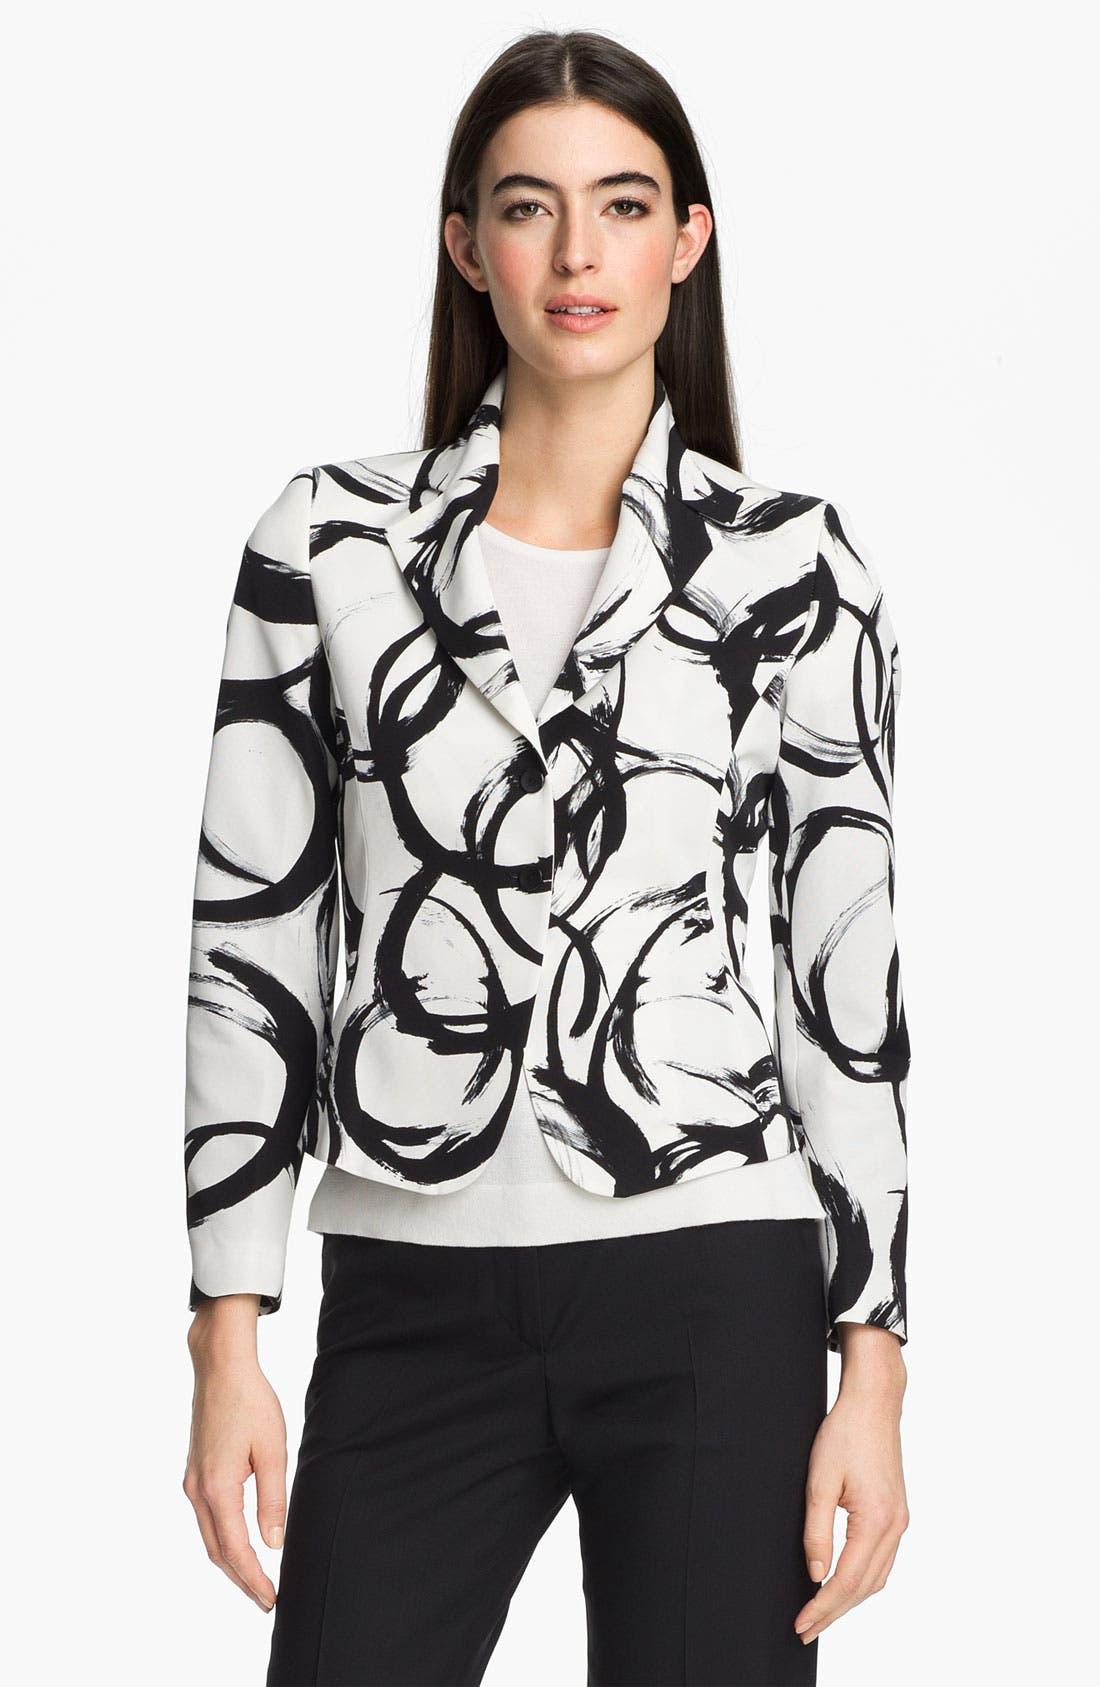 Alternate Image 1 Selected - Zanella 'Ricky' Print Jacket